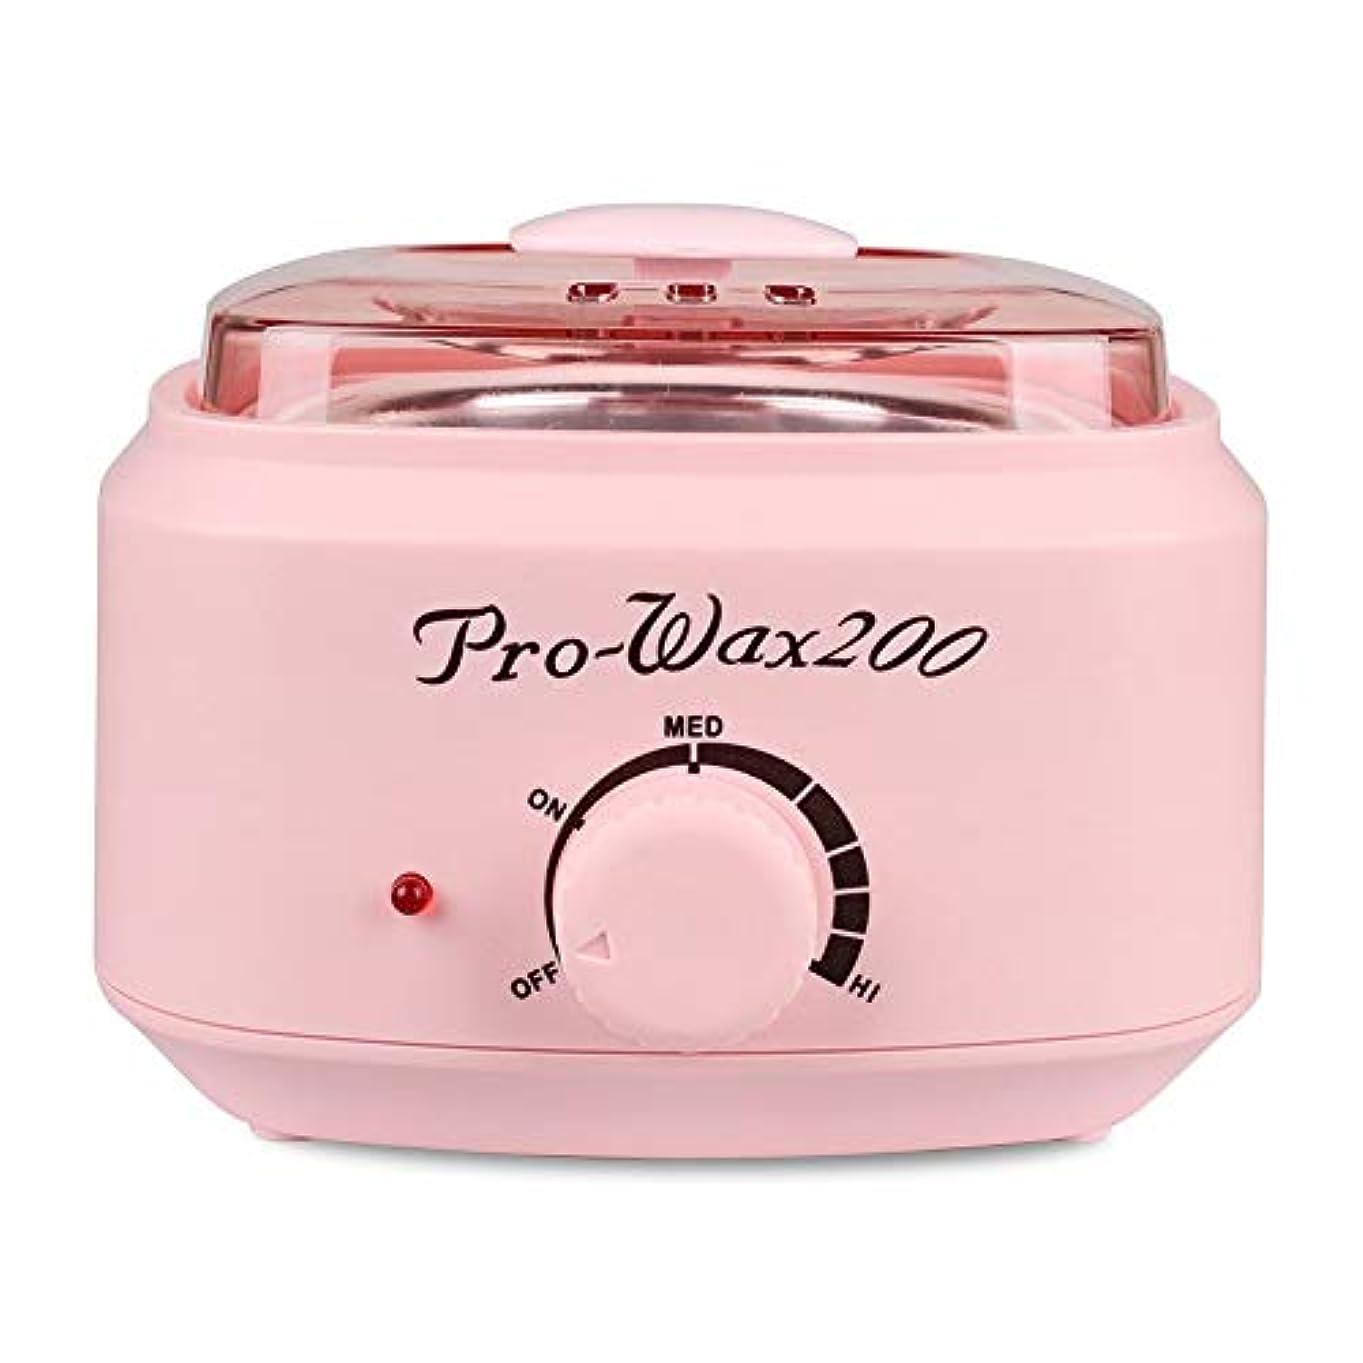 メロドラマティック検査ピックプロの電気ワックスウォーマーとヒーター、速くて痛みのない脱毛、楽器多機能溶融ワックスマシンホームワックス女性/男性用500CC (Color : Pink)